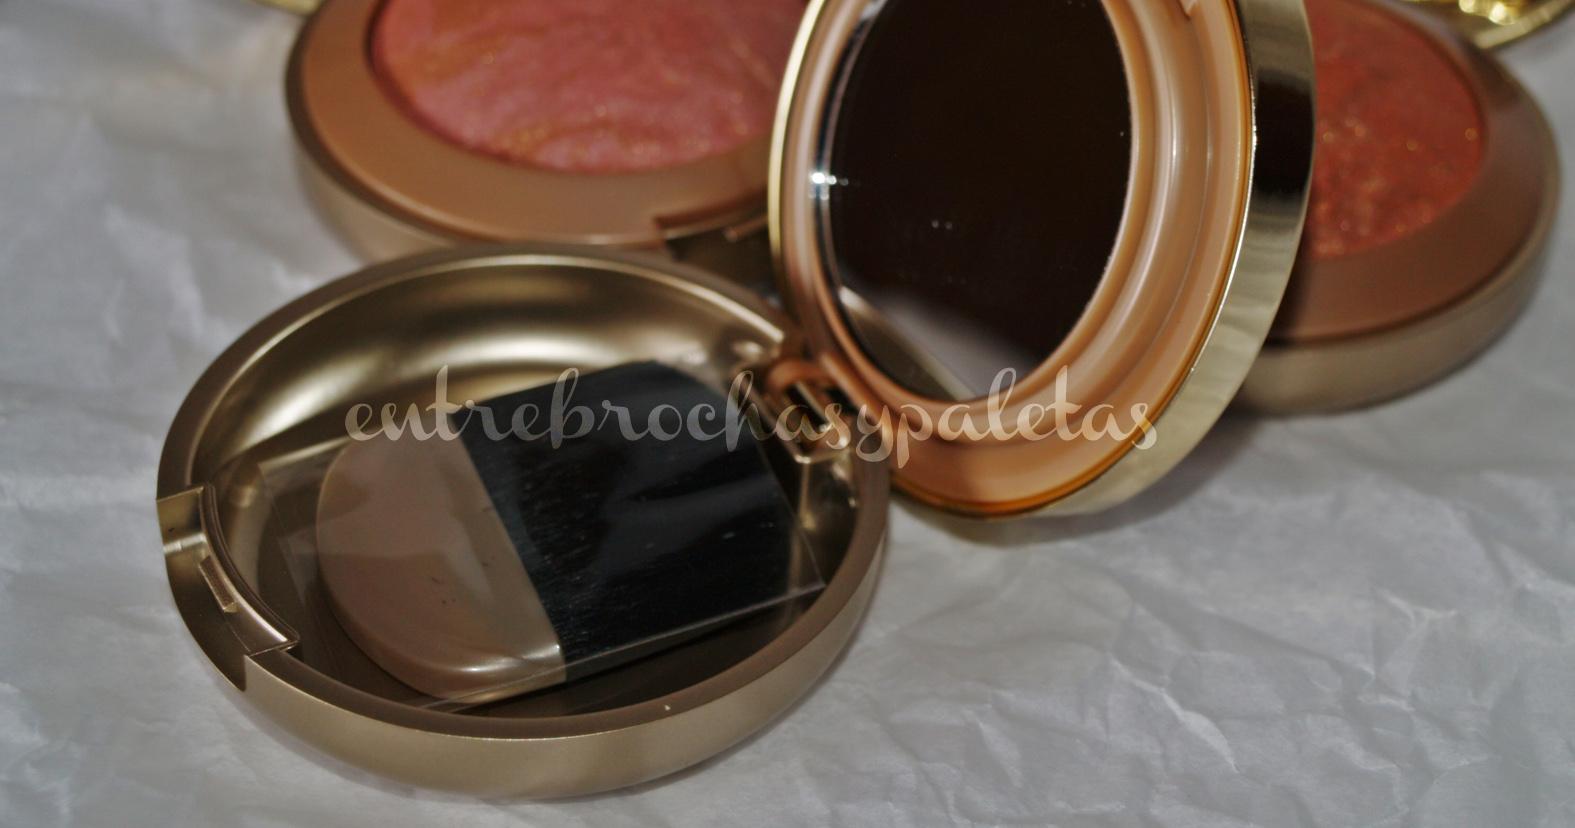 baked blush coloretes milani